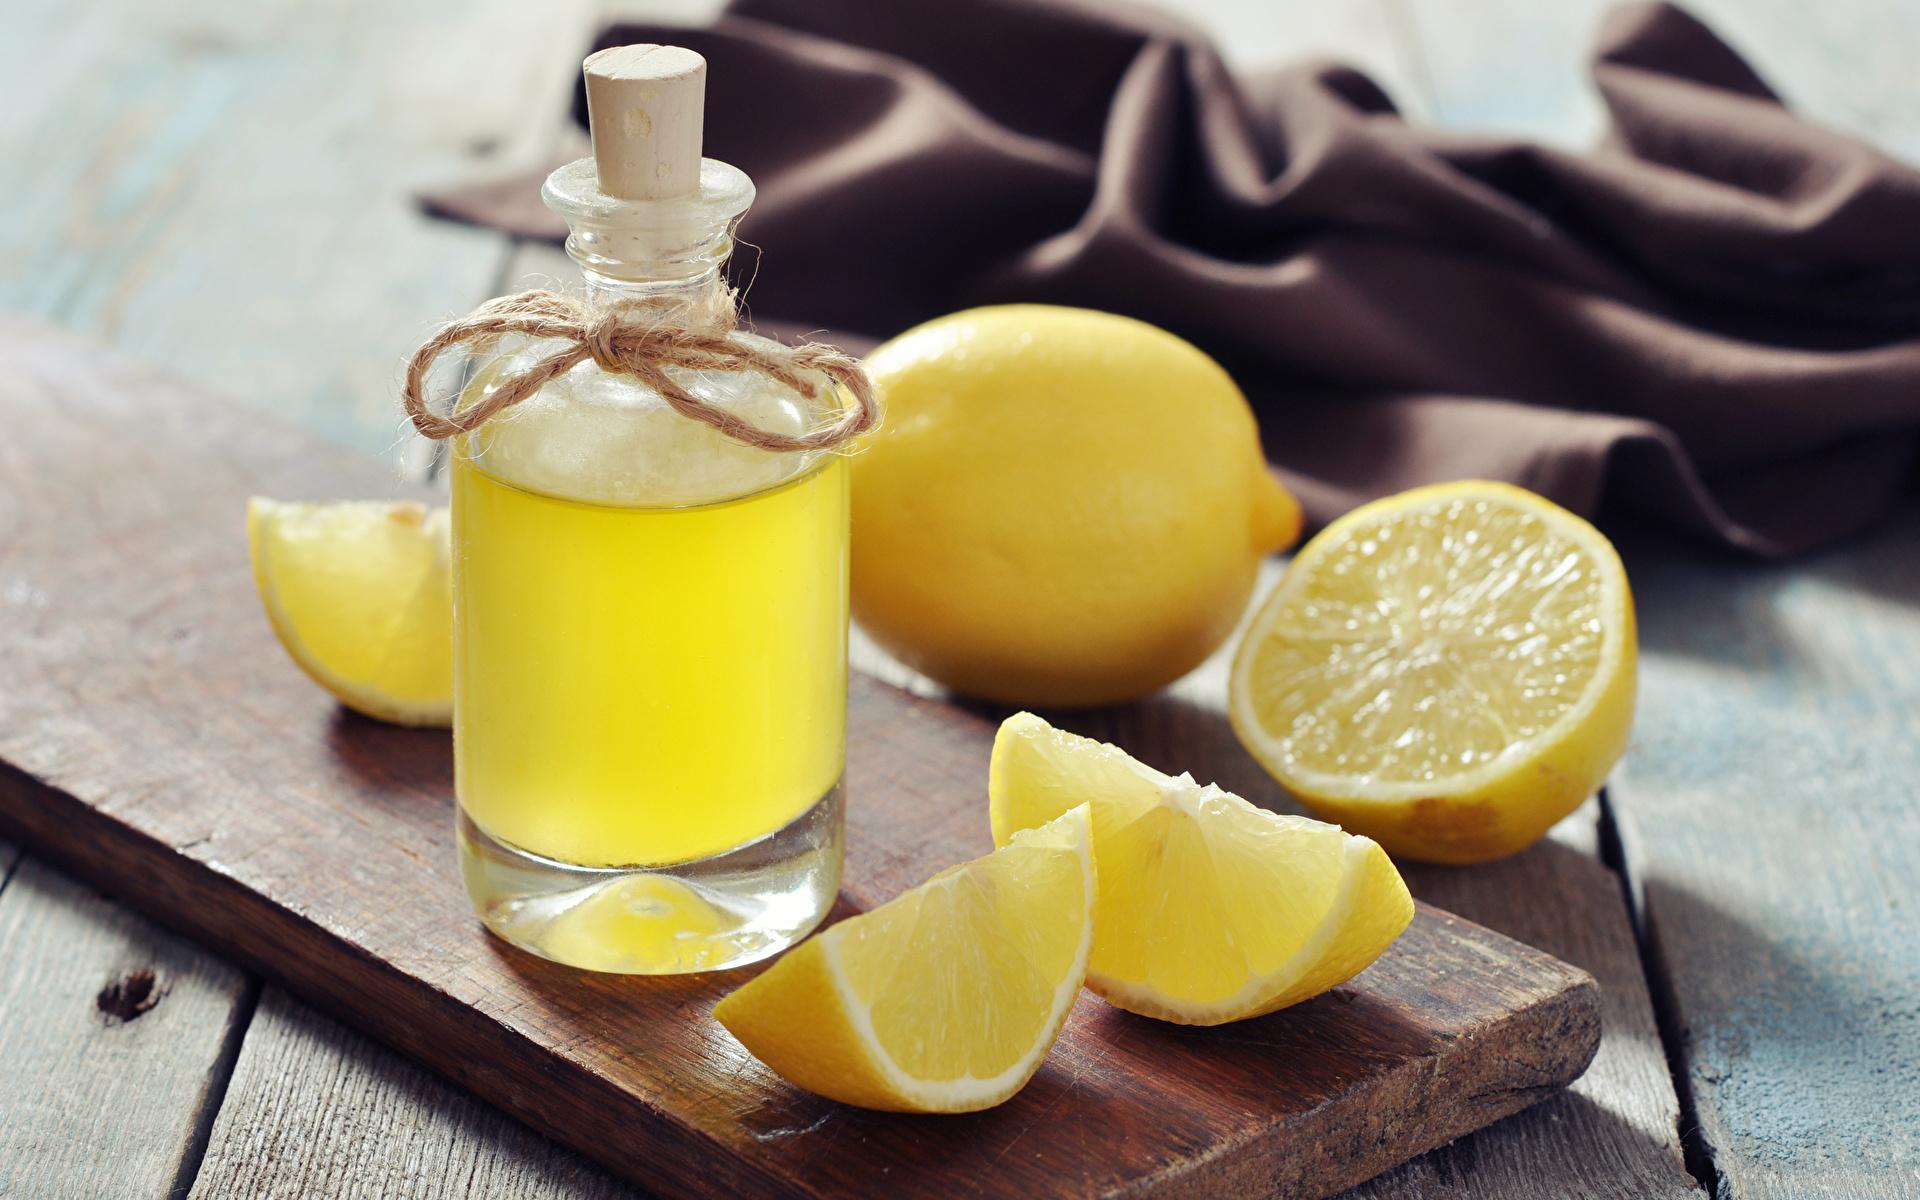 Картинки Сок Лимоны Бутылка Продукты питания Крупным планом Напитки 1920x1200 Еда Пища бутылки вблизи напиток